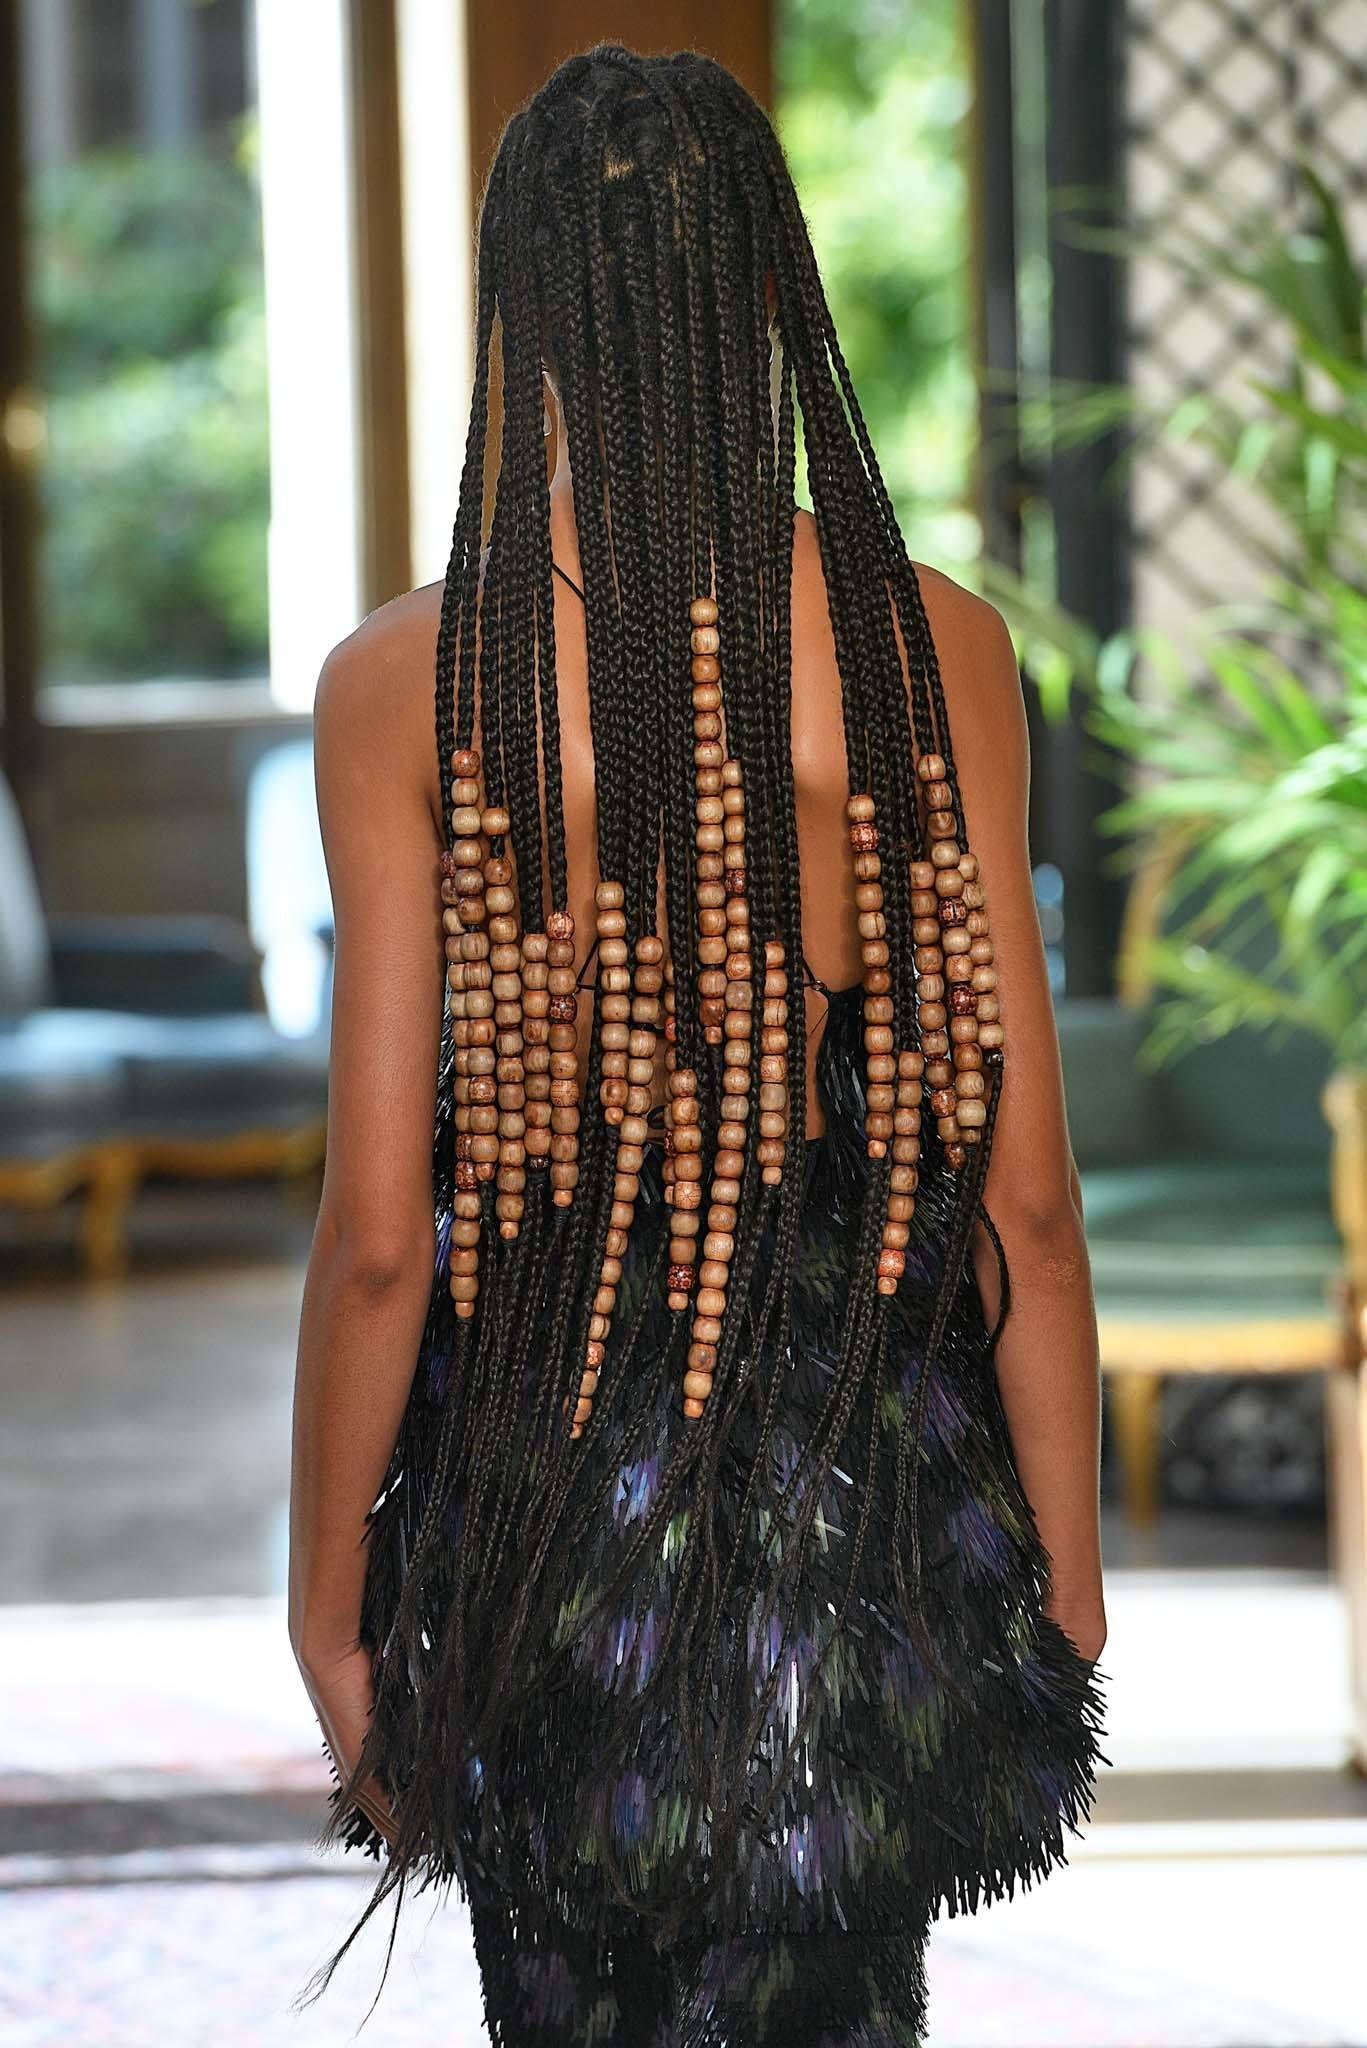 trenzas con cuentas en las puntas pelo con trenzas africanas largo mujer